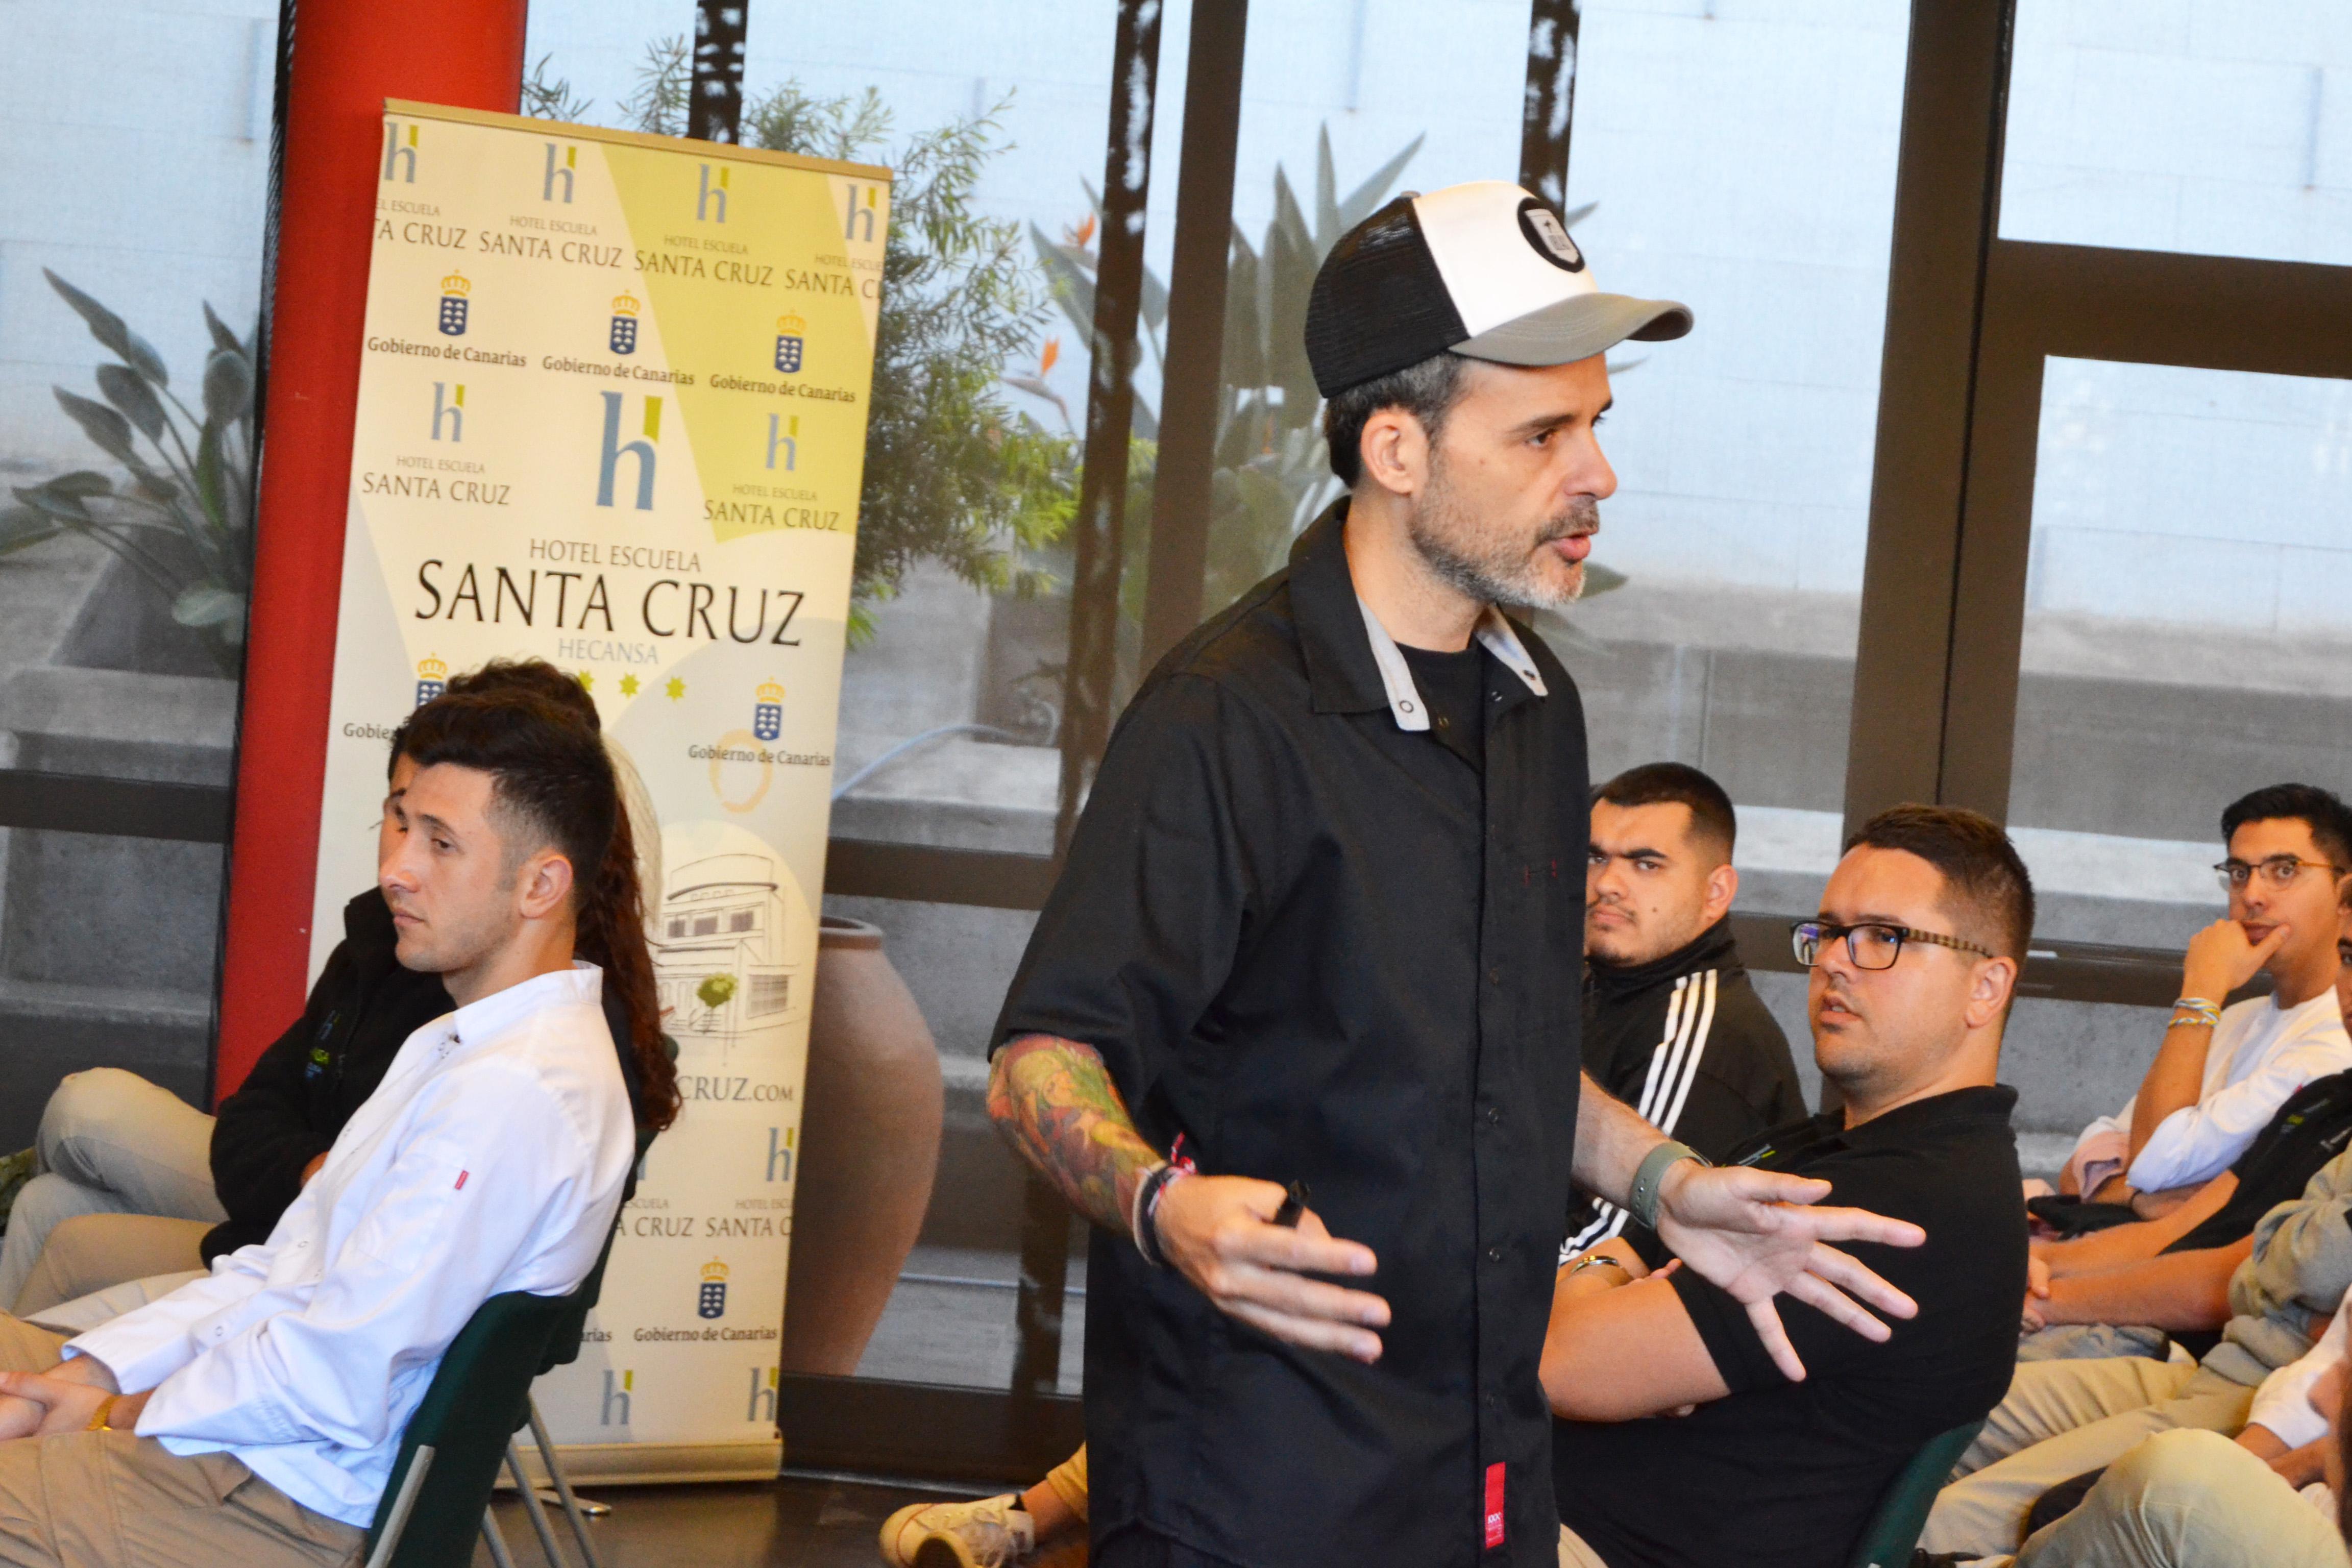 03032020 Juan Llorca Hotel Escuela Santa Cruz